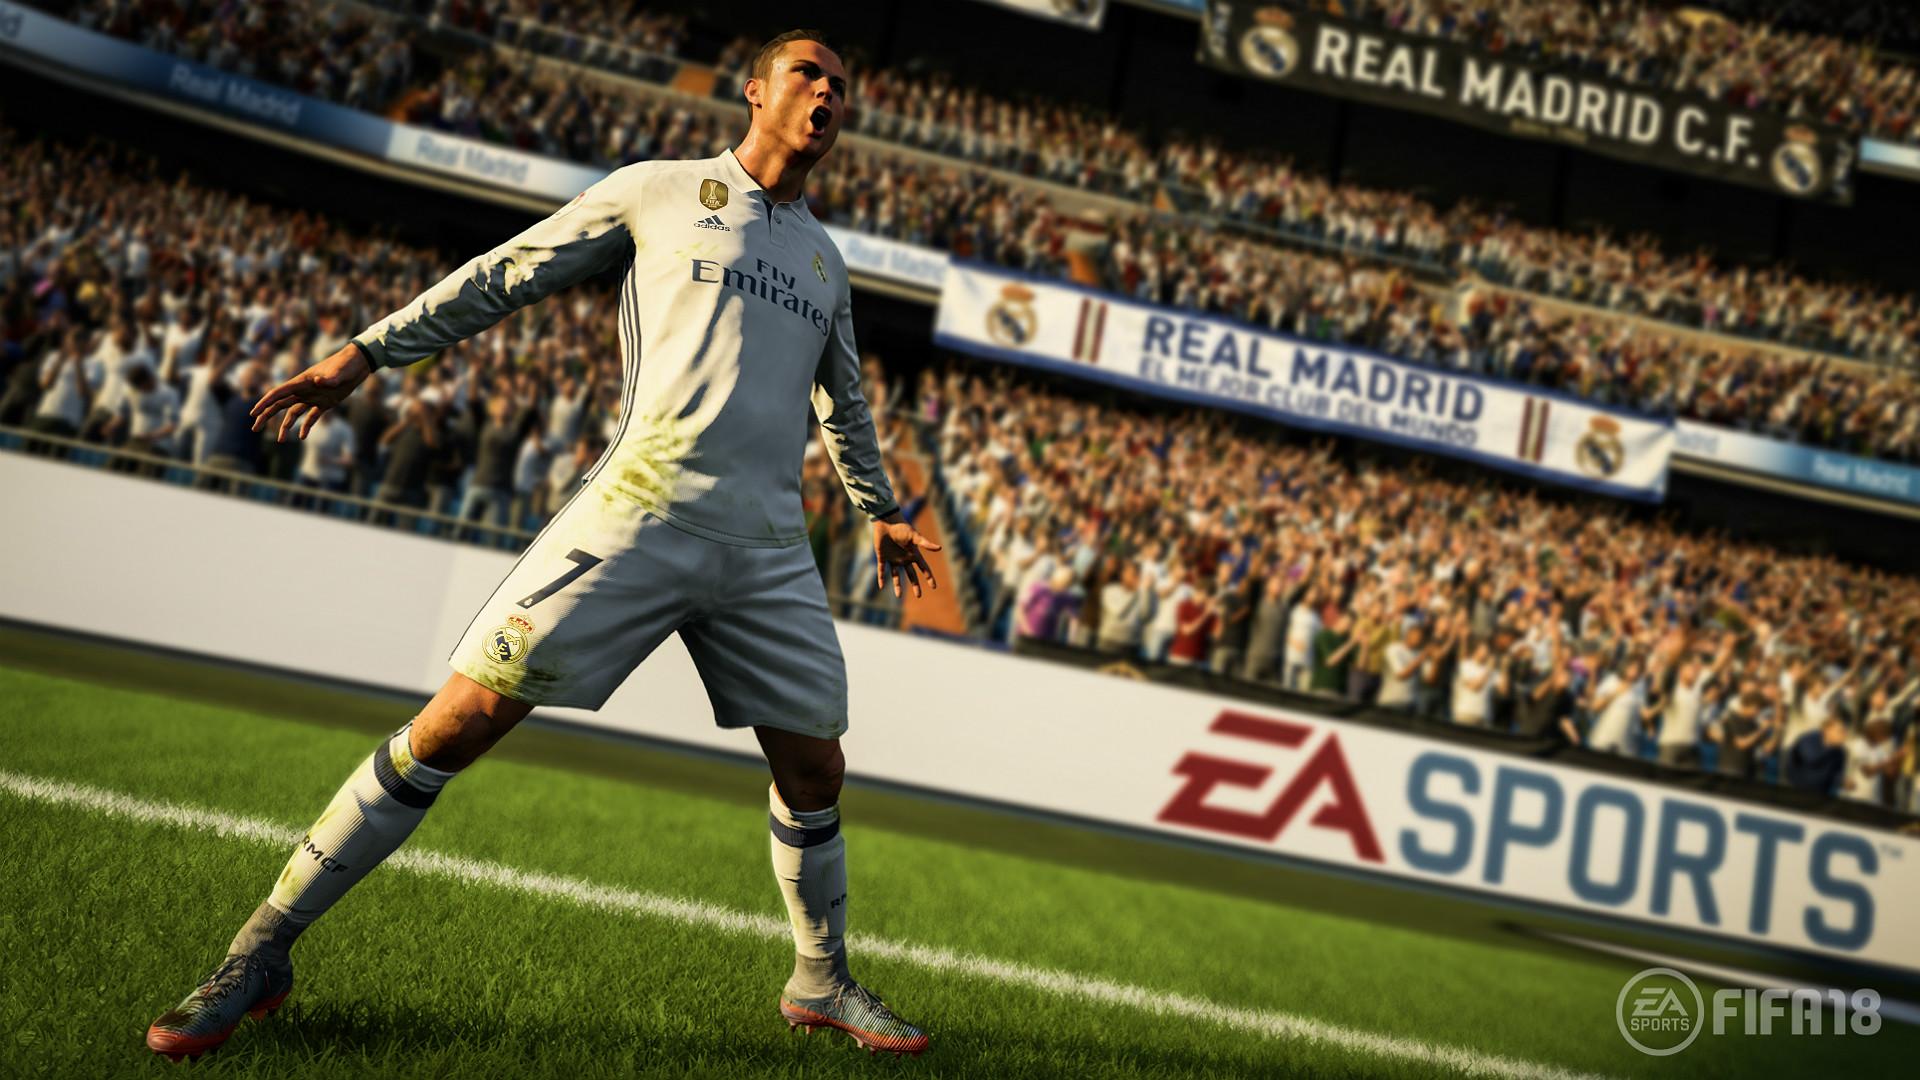 Electronic Arts ribadisce: non esiste il momentum in FIFA